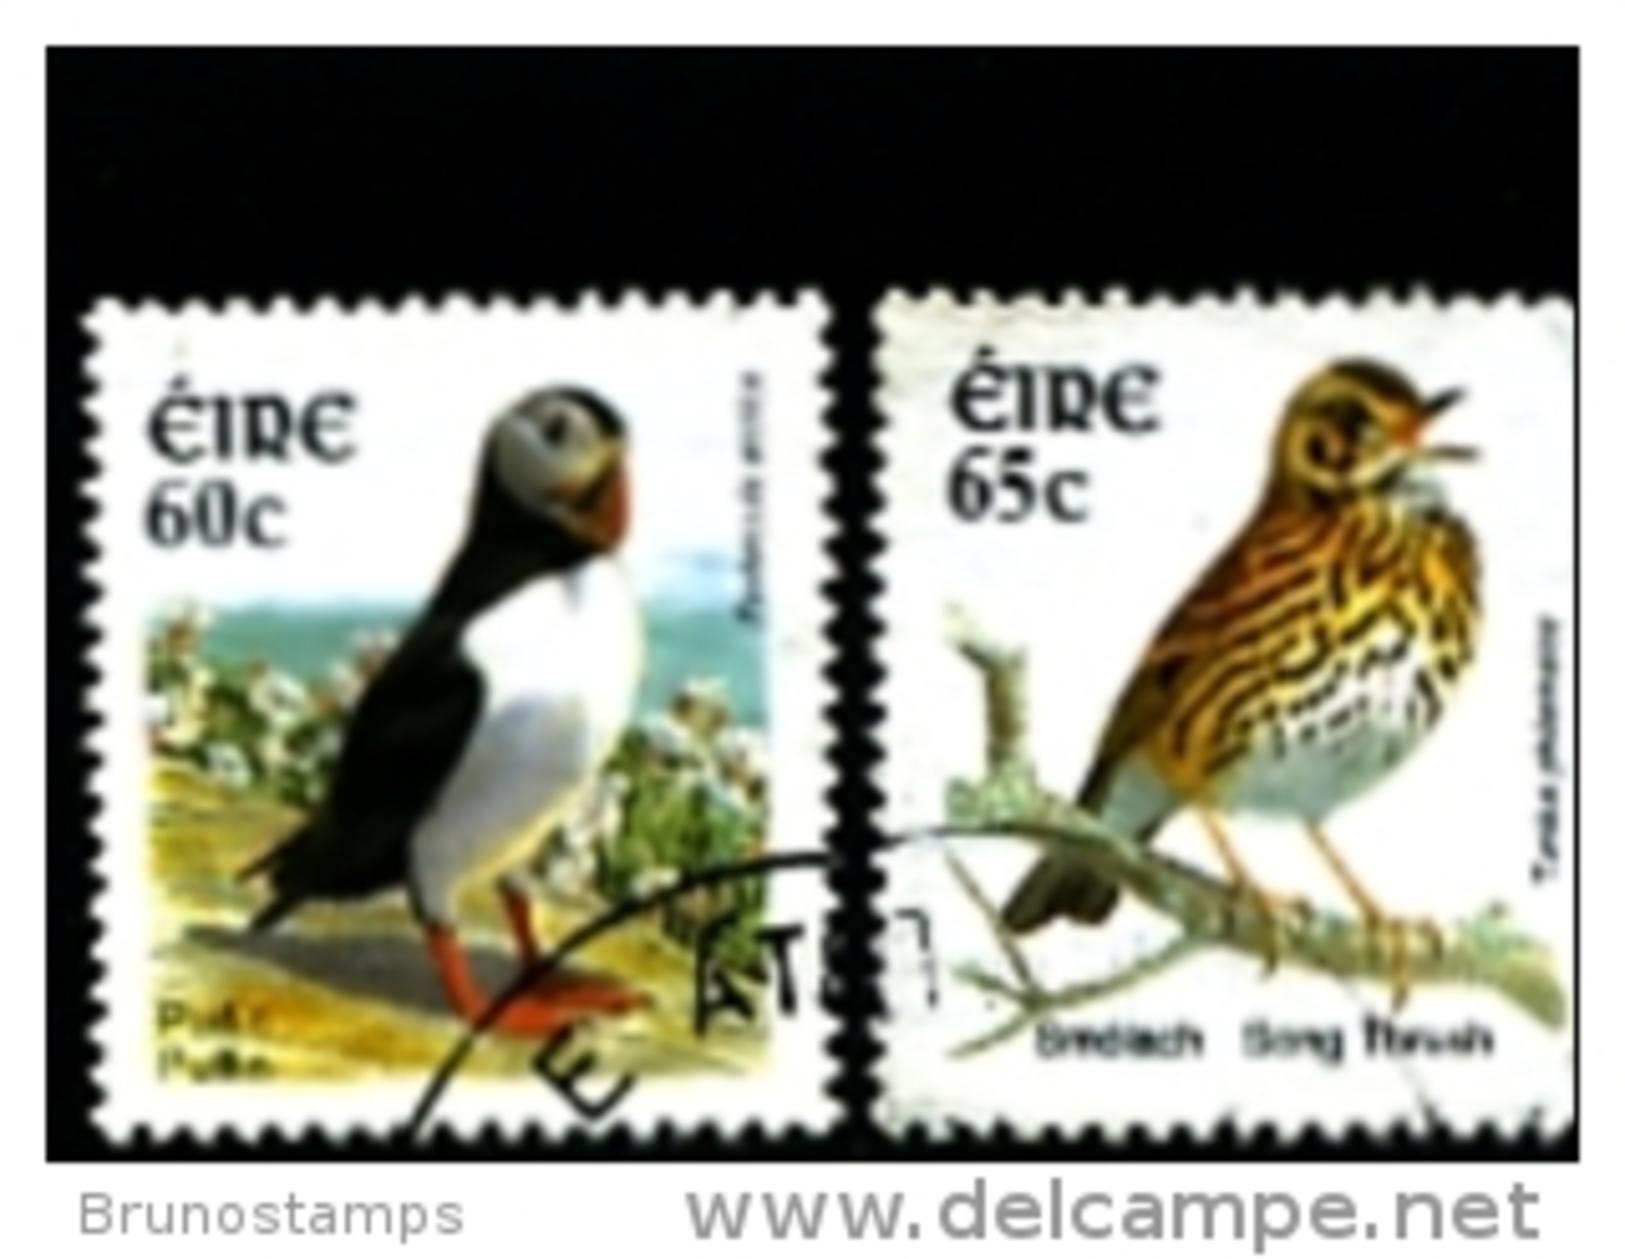 IRELAND/EIRE - 2004  BIRDS (60c. + 65c.)  SET  FINE USED - Usati